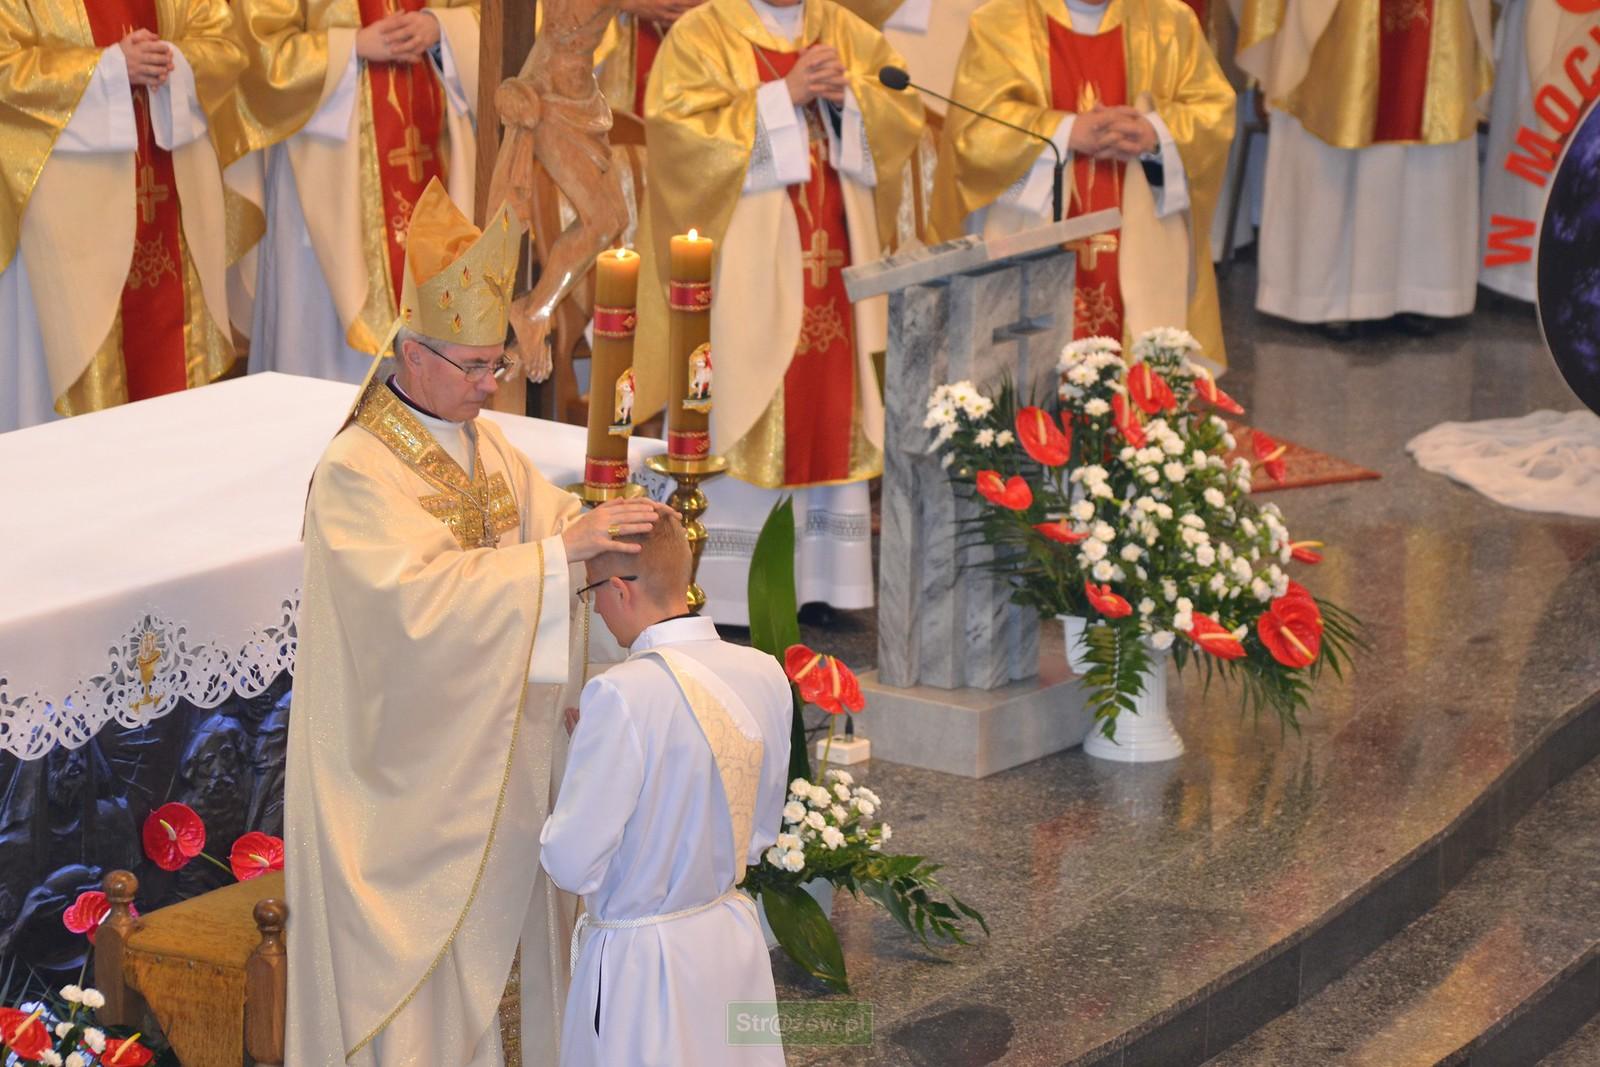 Święcenia kapłańskie w rzeszowskiej Katedrze 8 06 2019